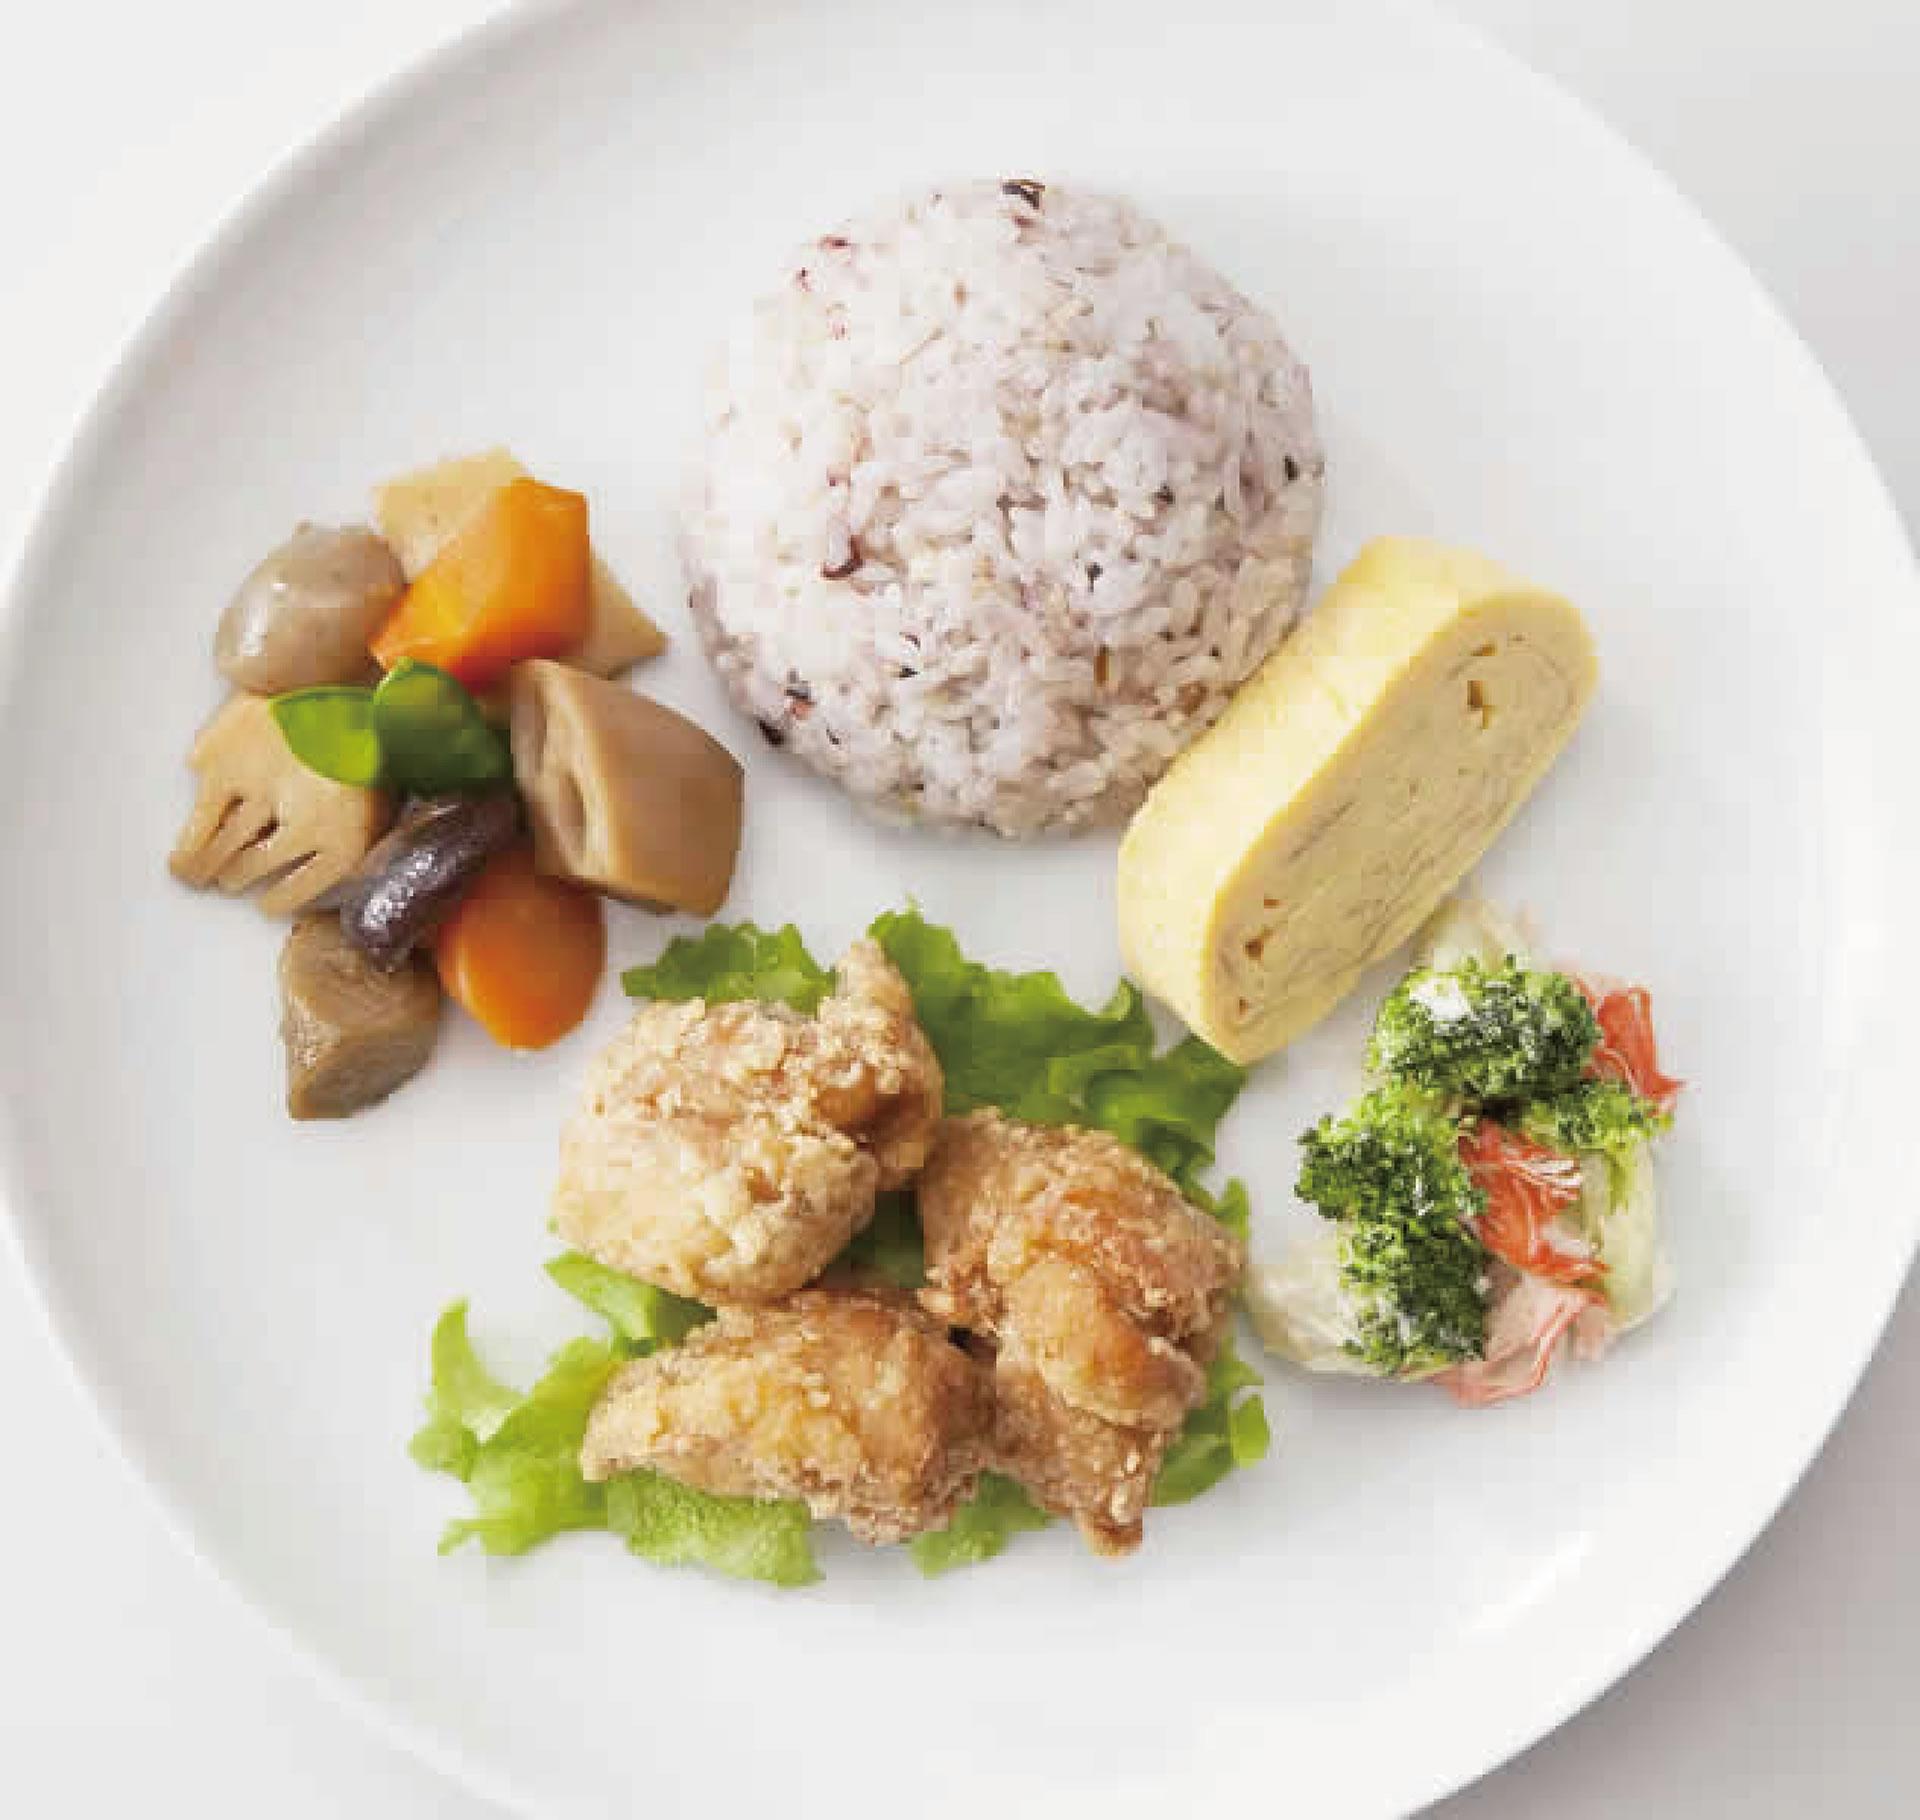 お惣菜のことならおいしさショップにきまり!|デリカスイトオフィシャルショップ|おとりよせ専門